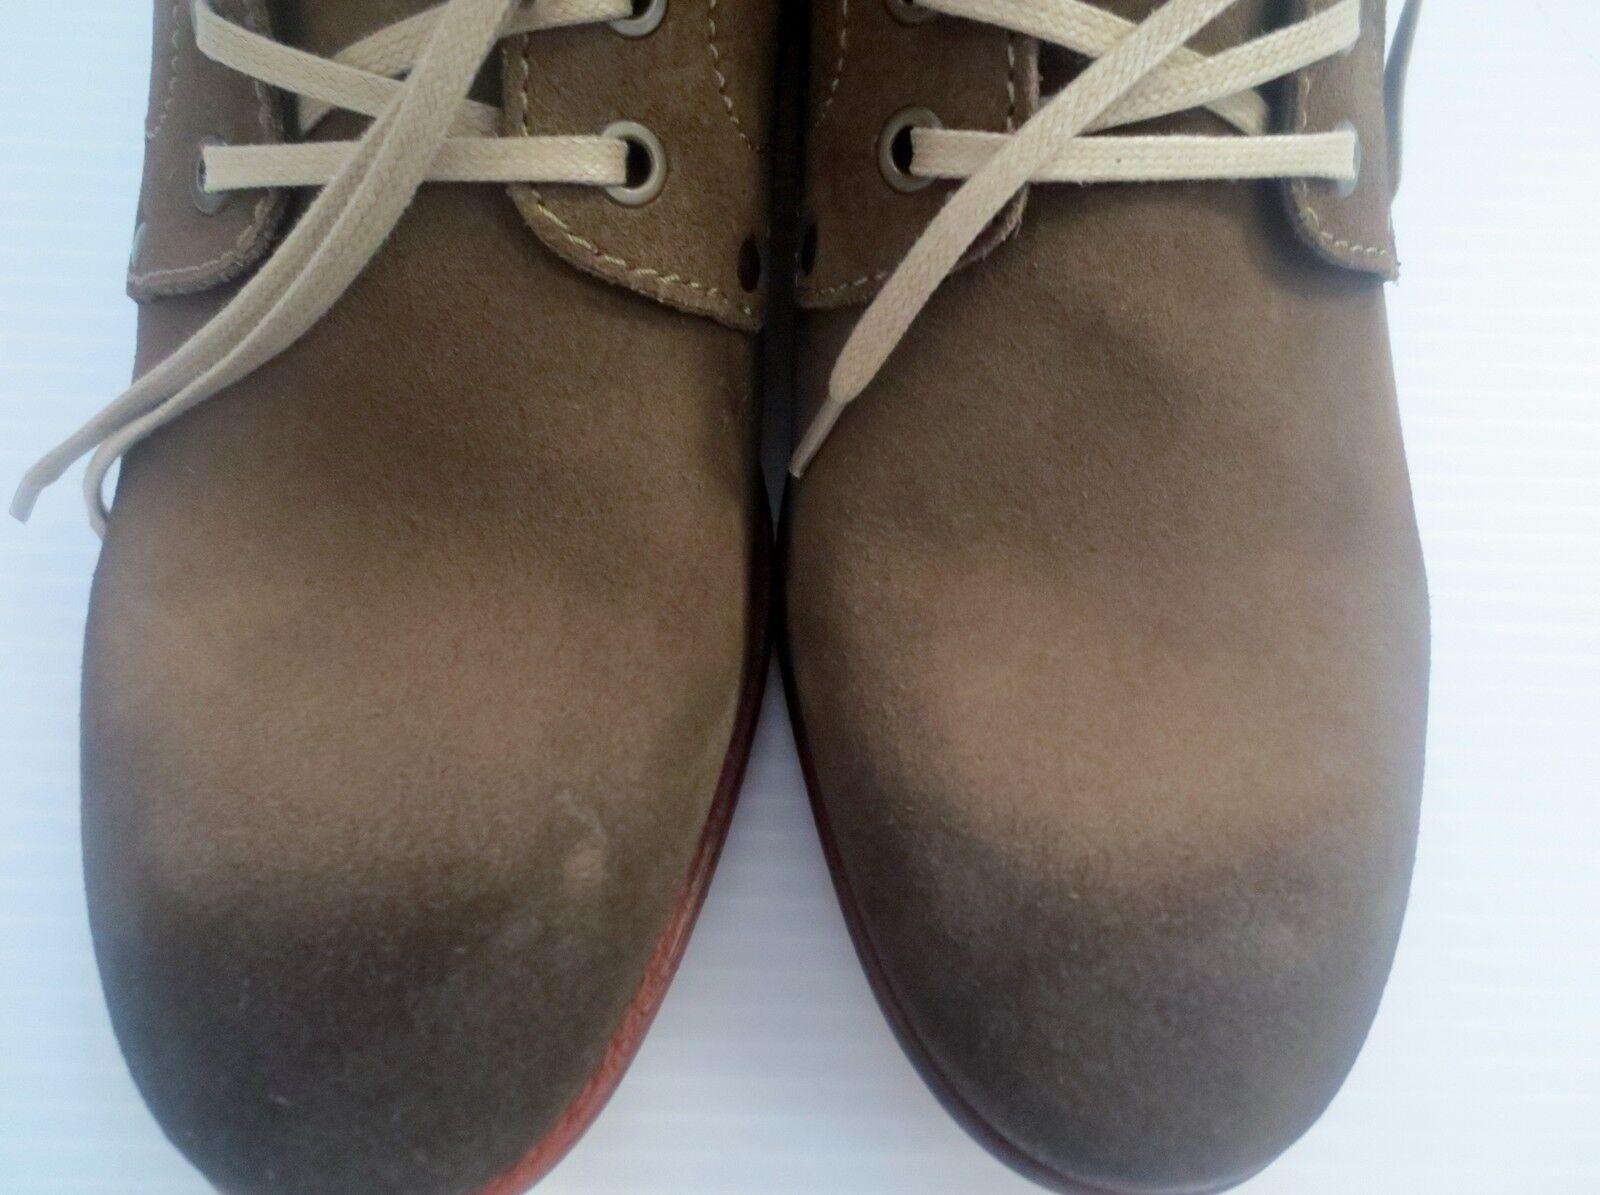 Kenneth cole new alec york smart alec new scamosciato boot uomini scarpe - olio d'oliva - 10 - nuova dimensione a83b21